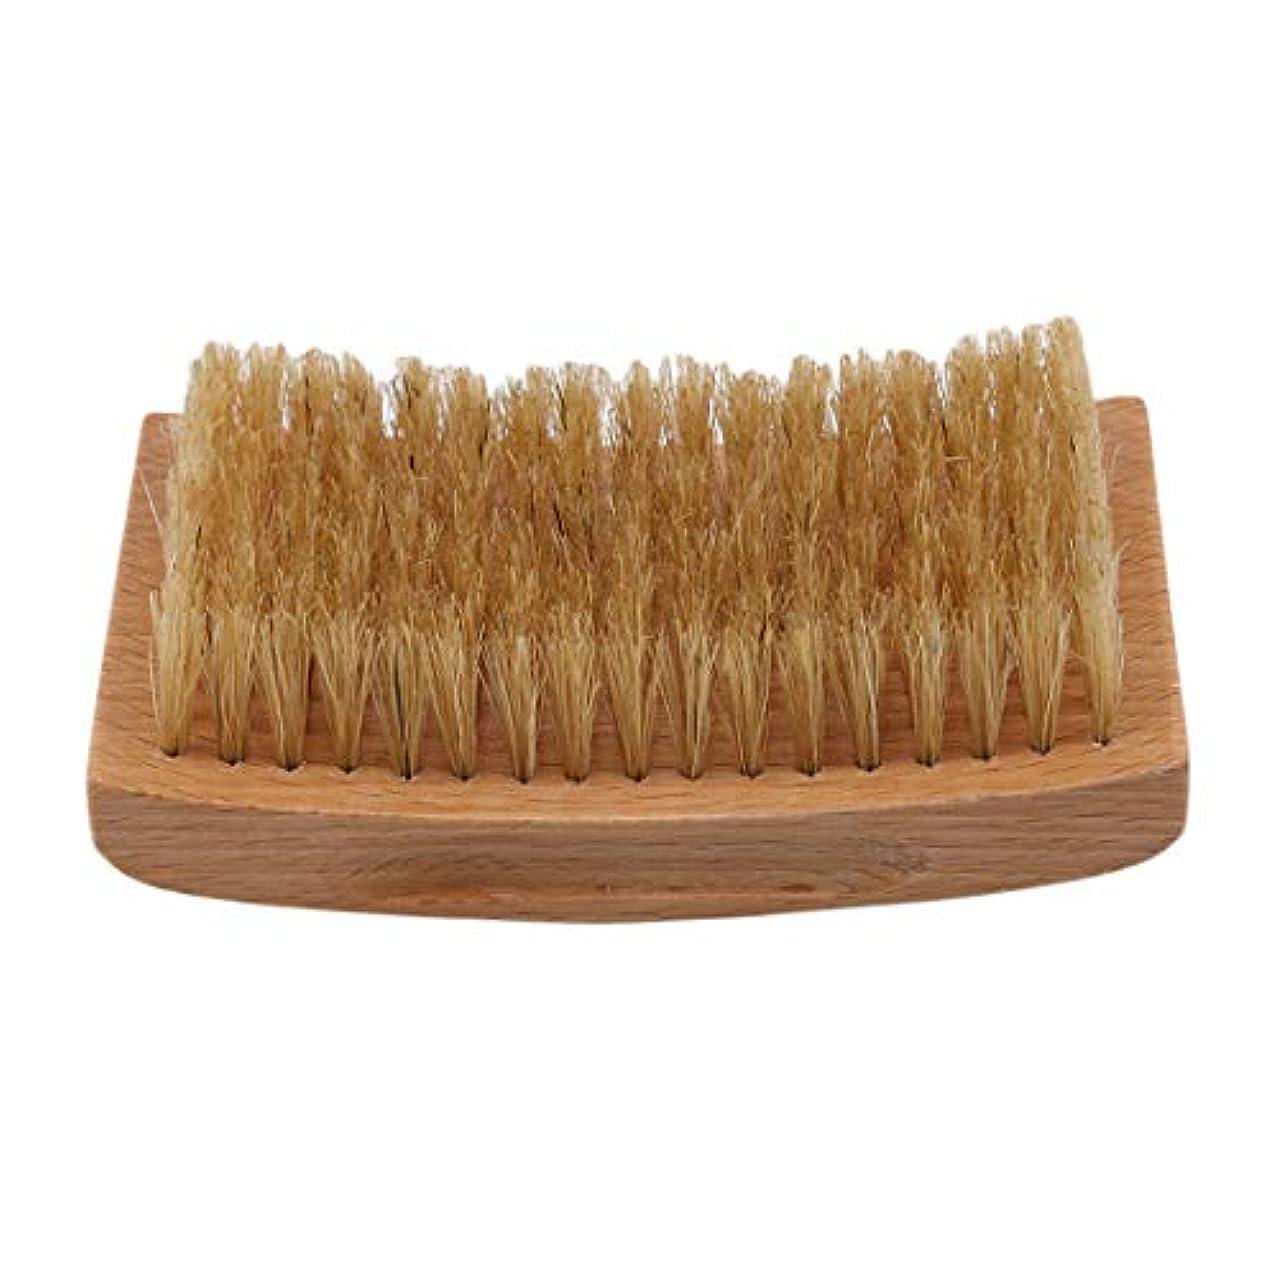 分析的カテゴリー電子KLUMA ひげブラシ シェービングブラシ 理容 洗顔 髭剃り 泡立ち 洗顔ブラシ 1#